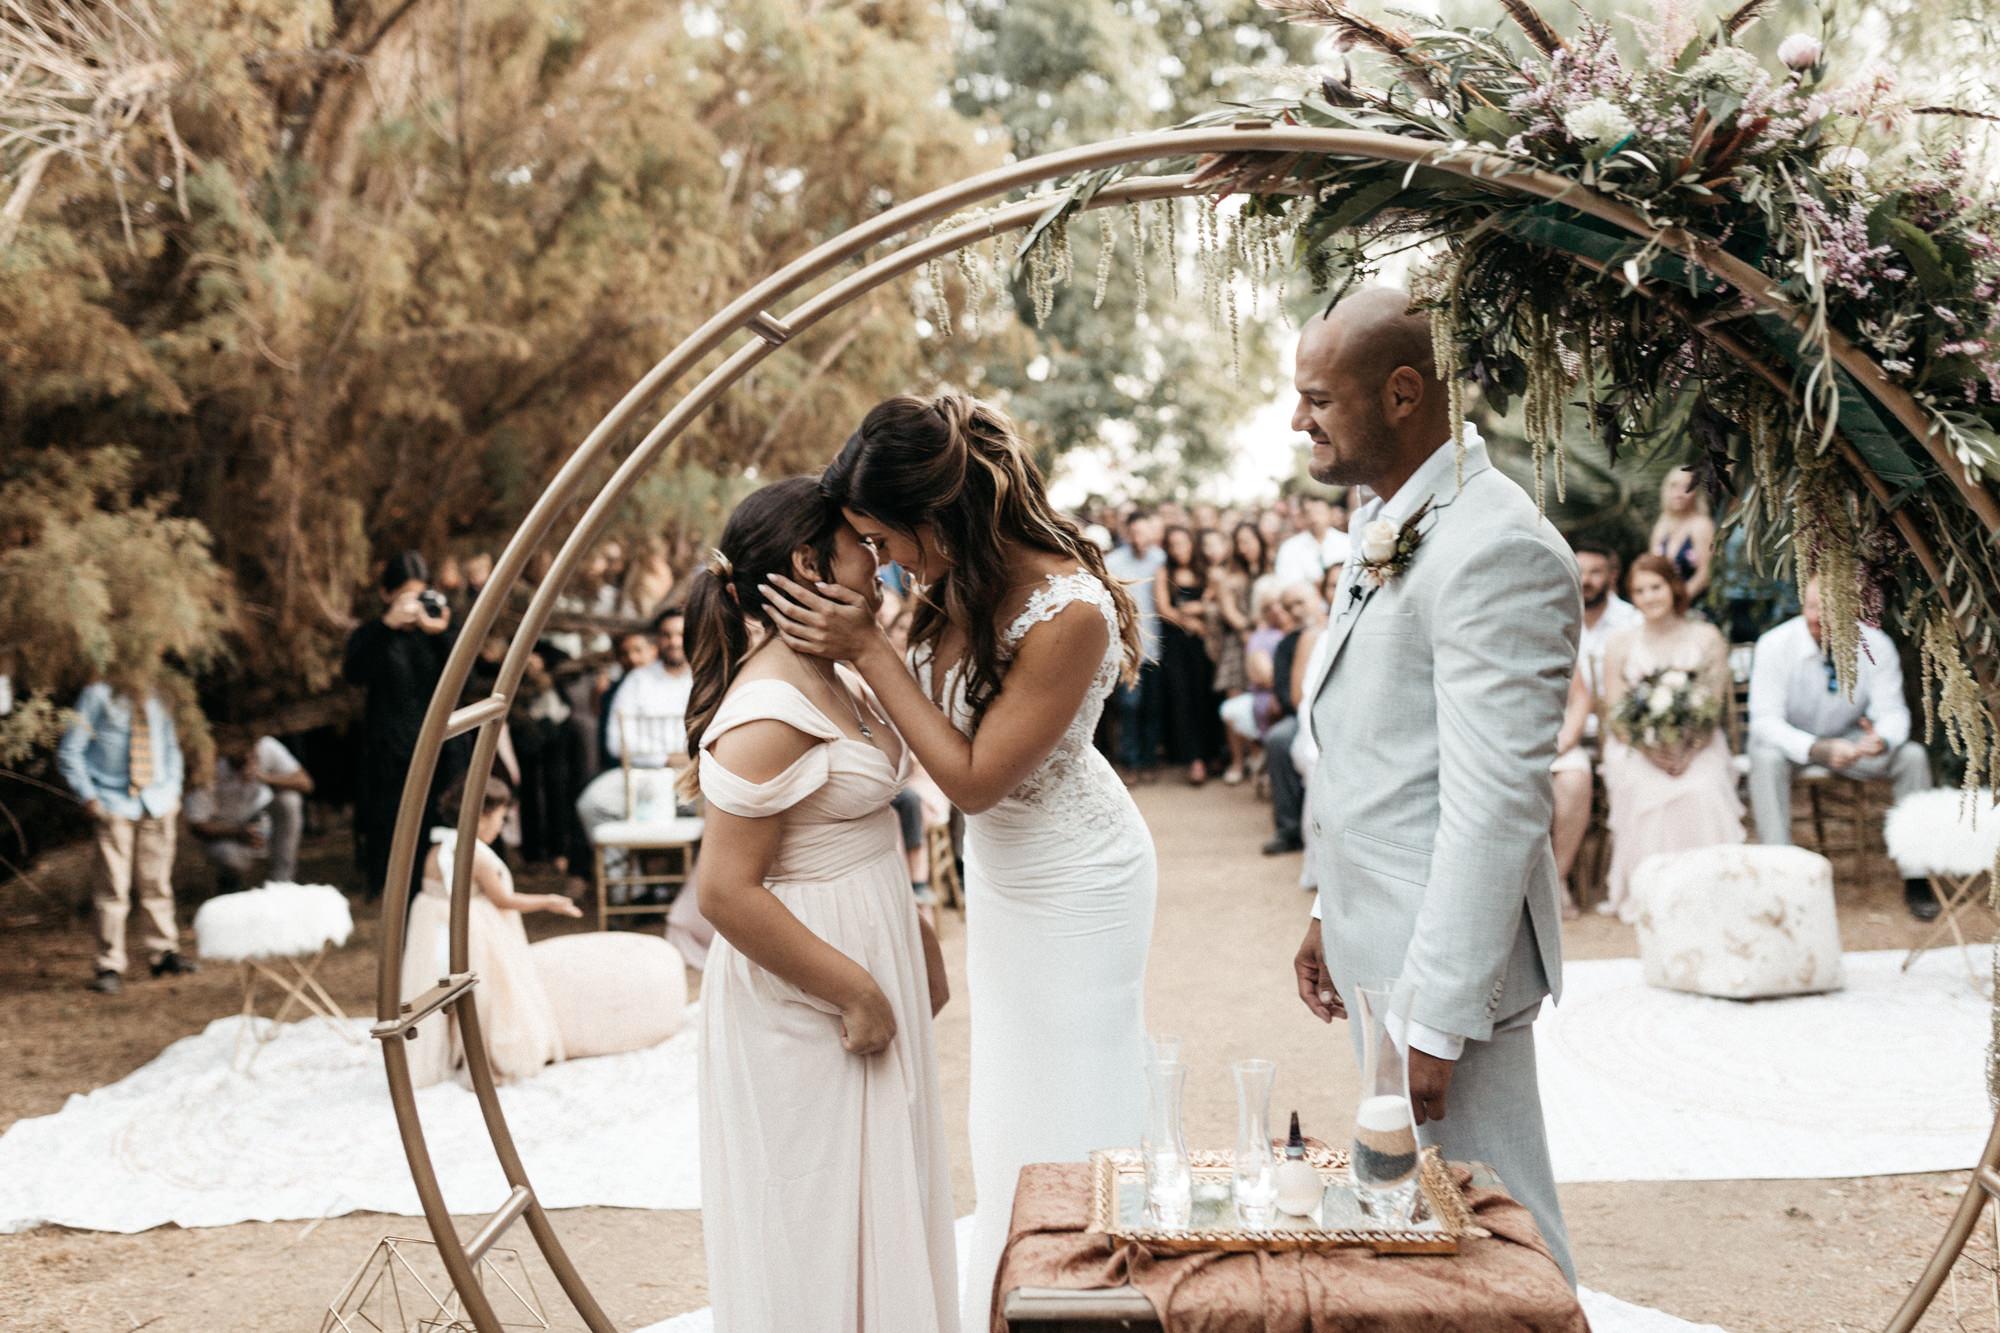 the_fire_garden_wedding-43.jpg